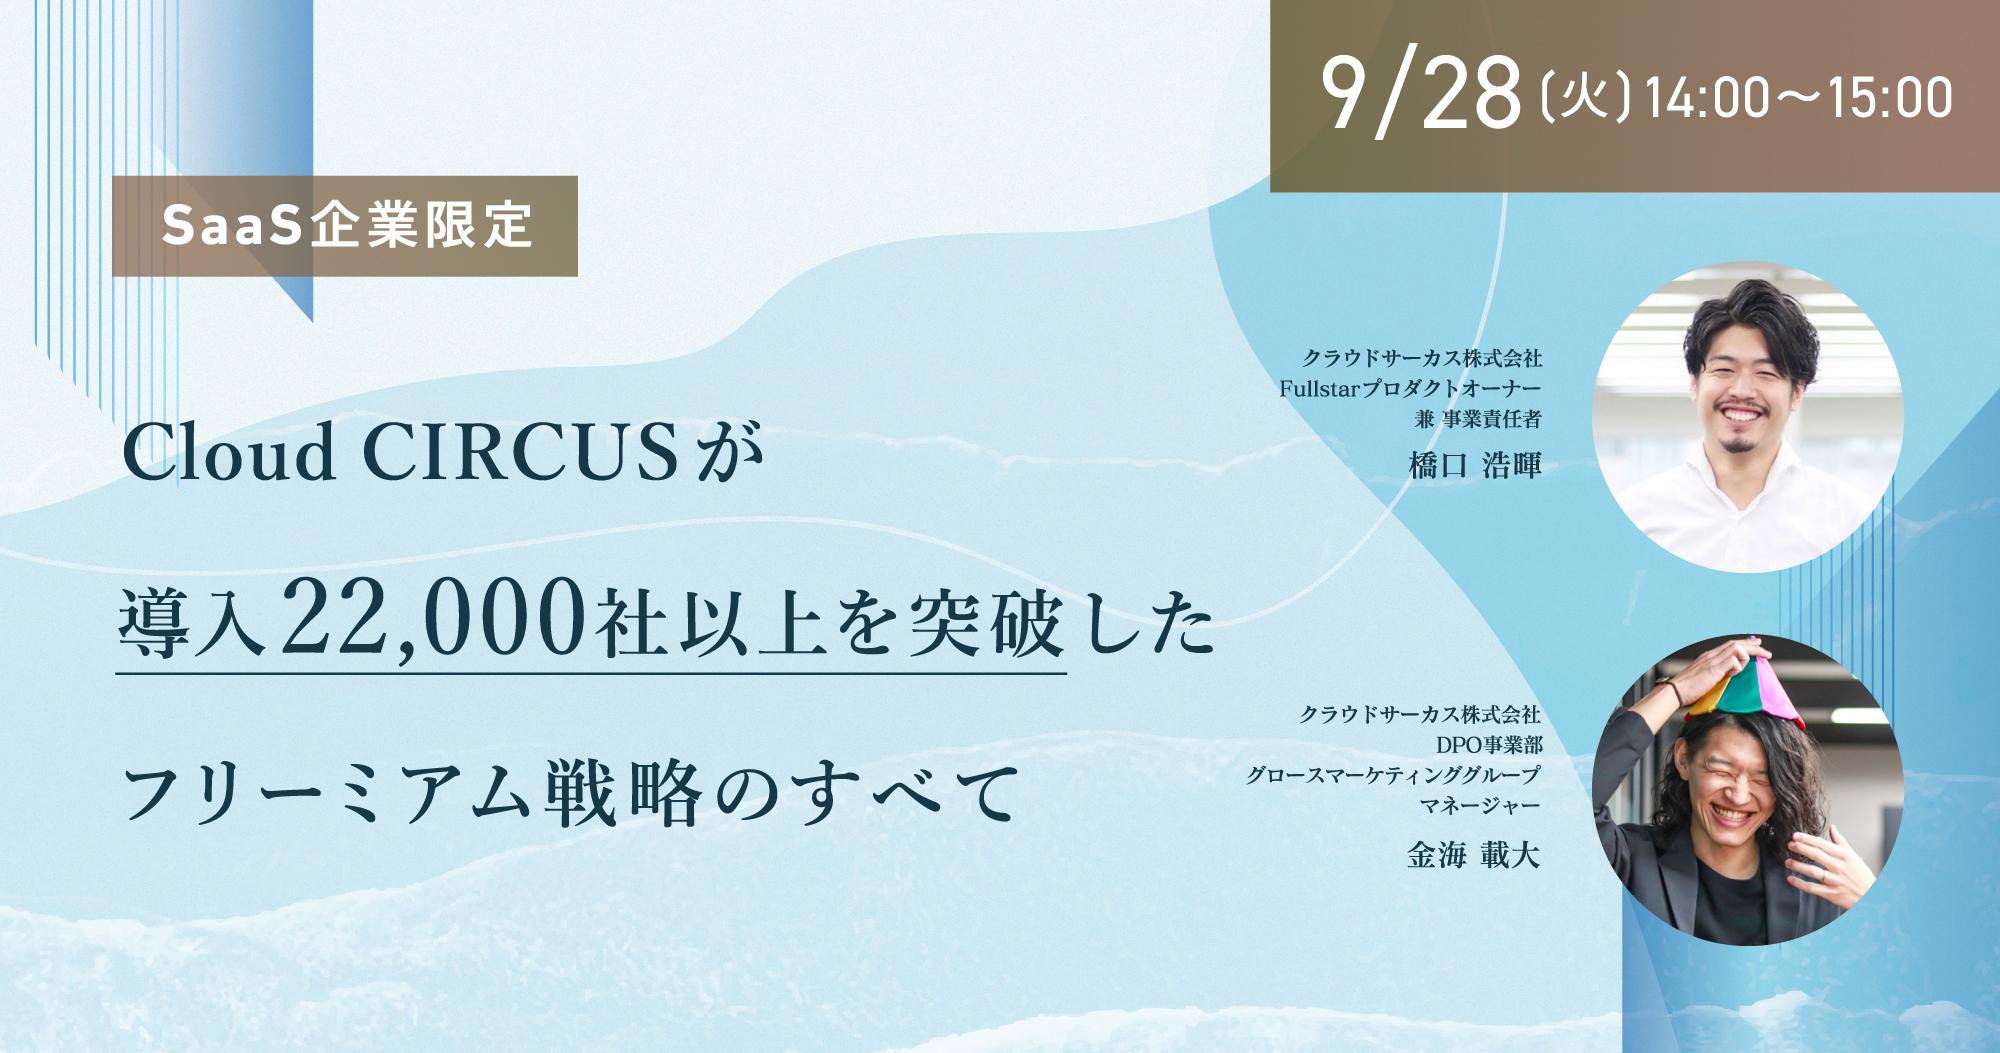 【9月28日(火)】[SaaS企業限定]Cloud CIRCUS が導入22,000社以上を突破したフリーミアム戦略のすべて